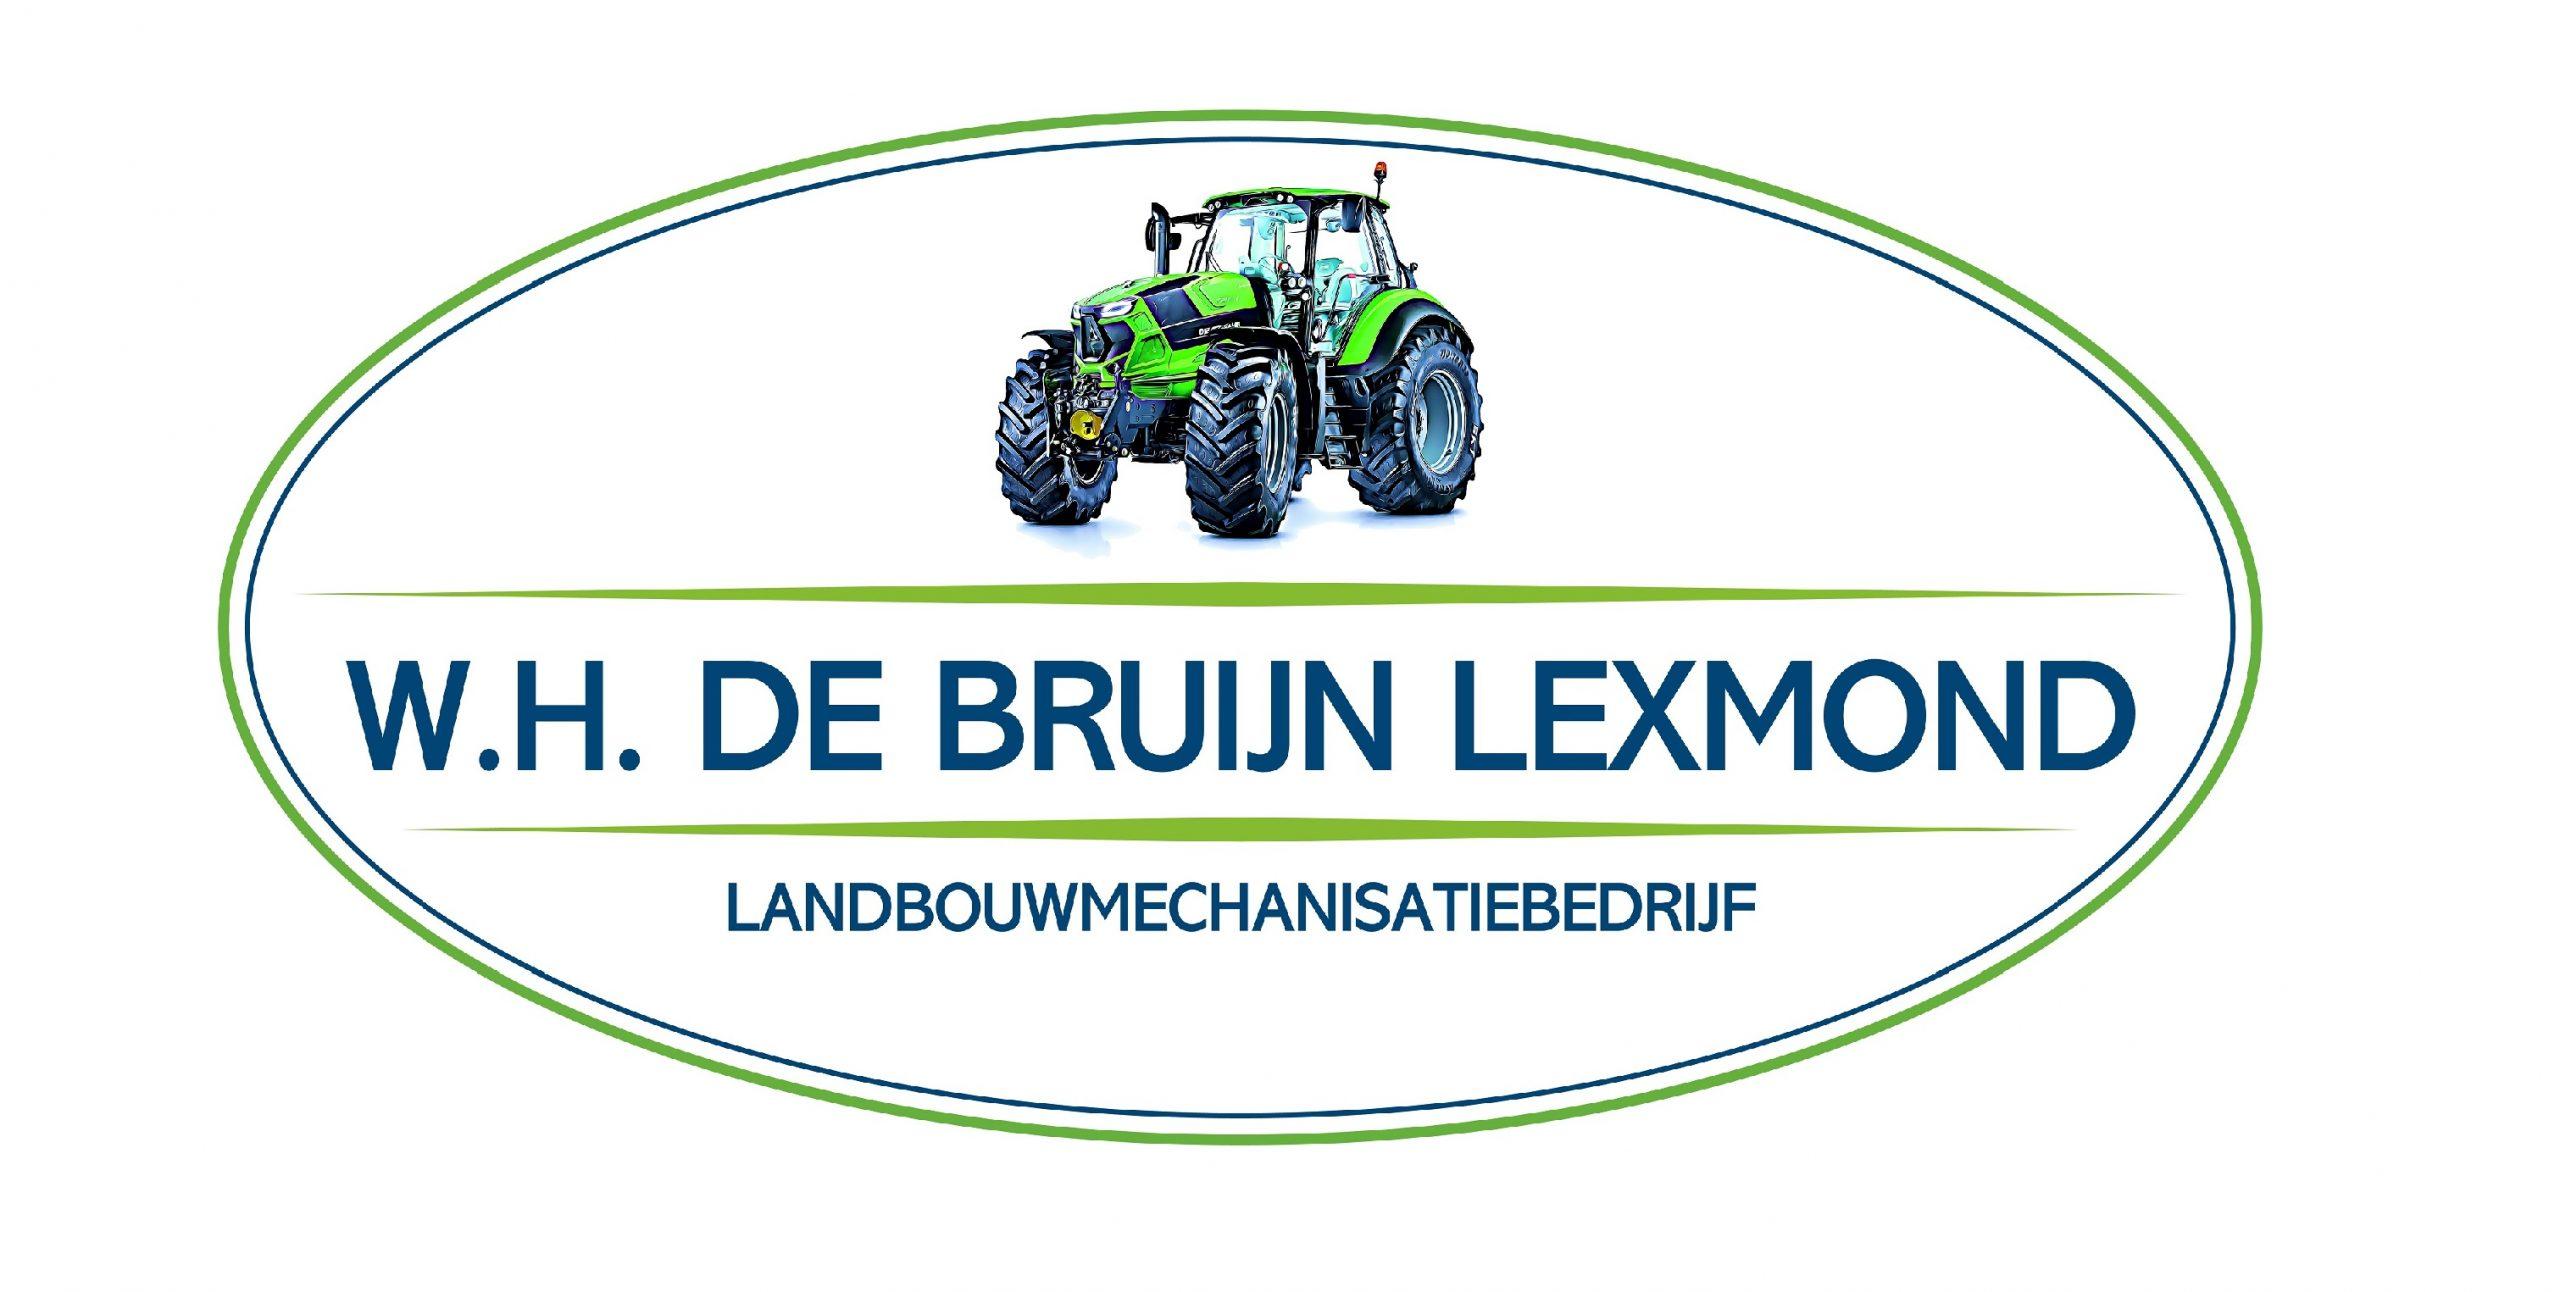 W.H. de Bruijn Lexmond Landbouwmechanisatie